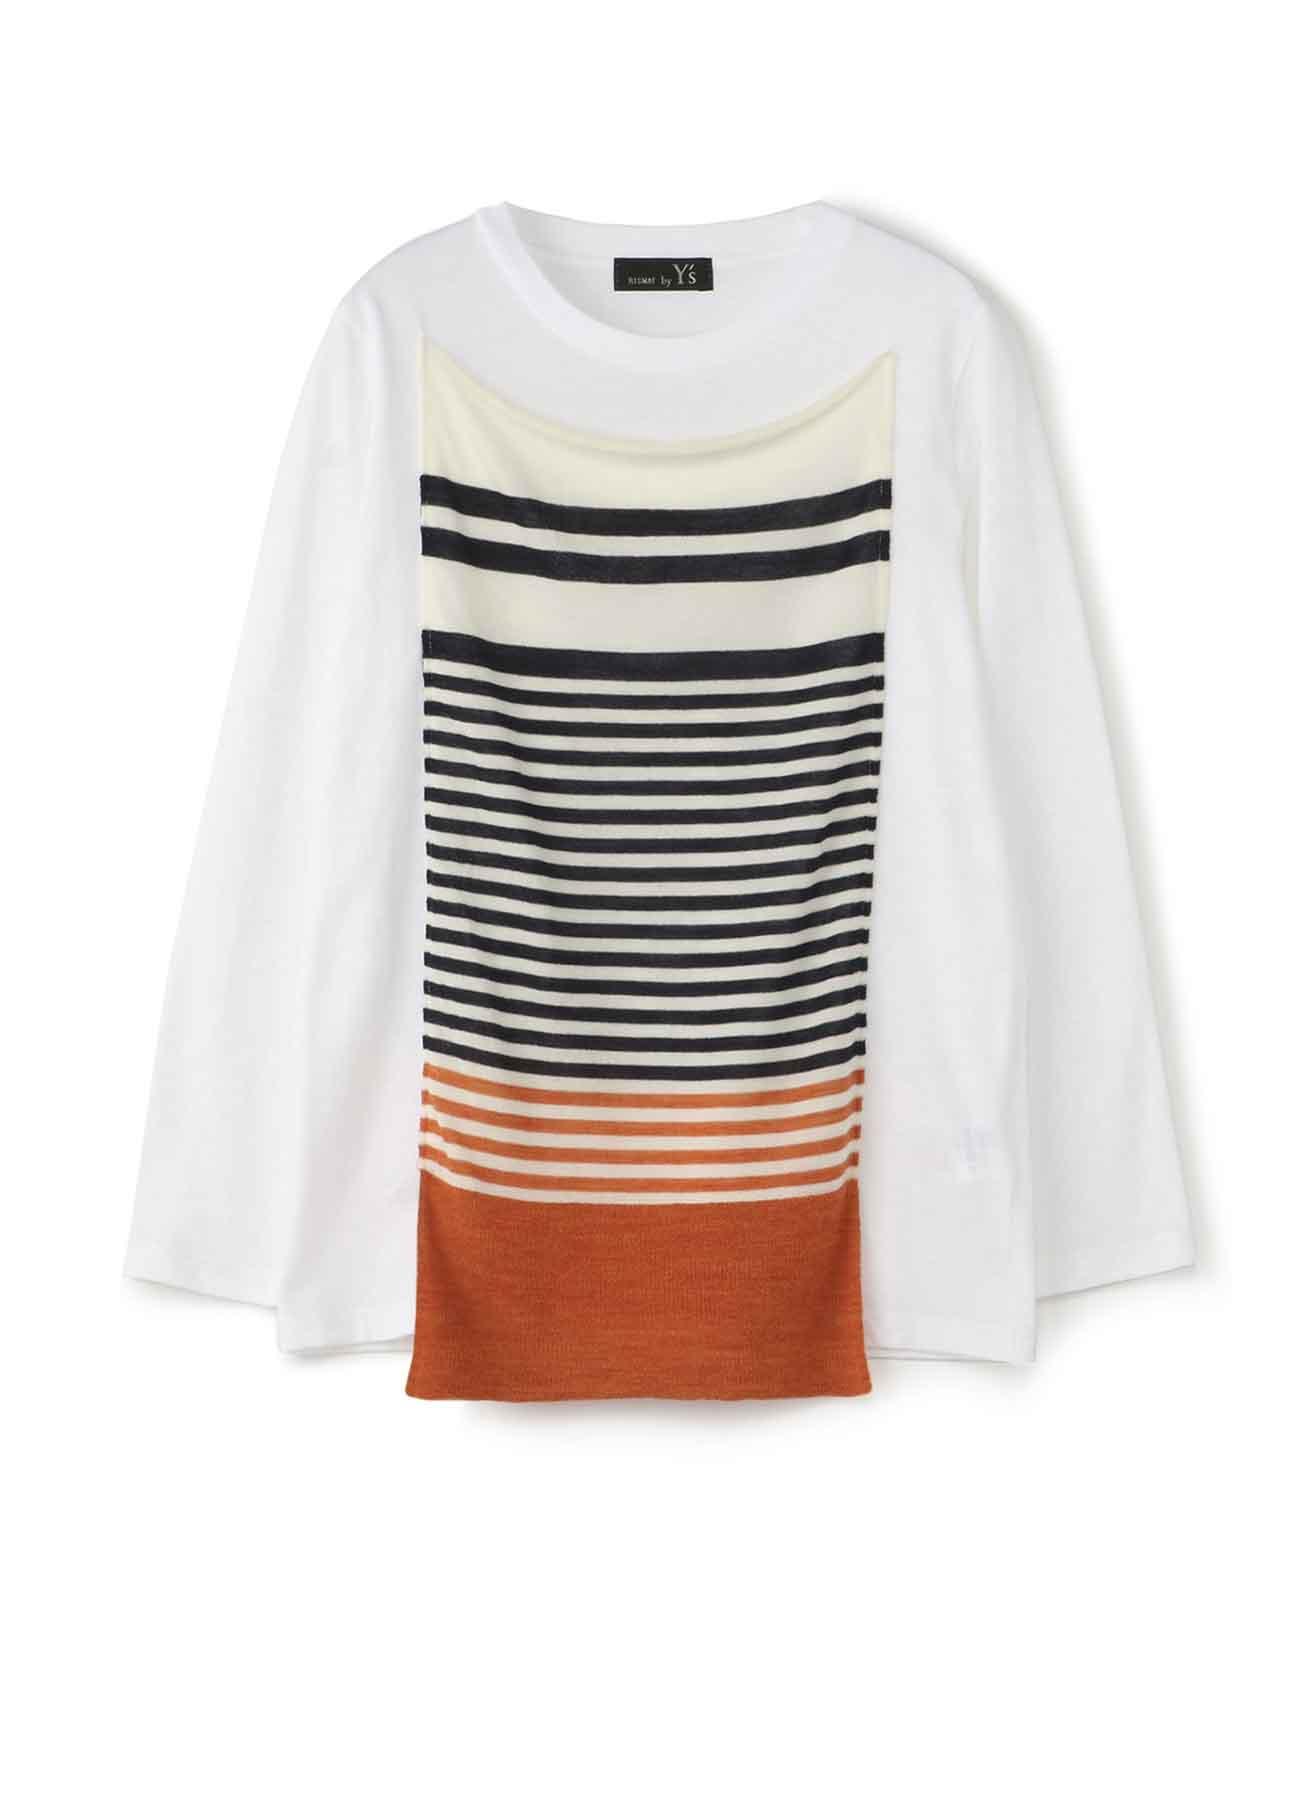 RISMATbyY这款长袖T恤采用棉质针织边框针织